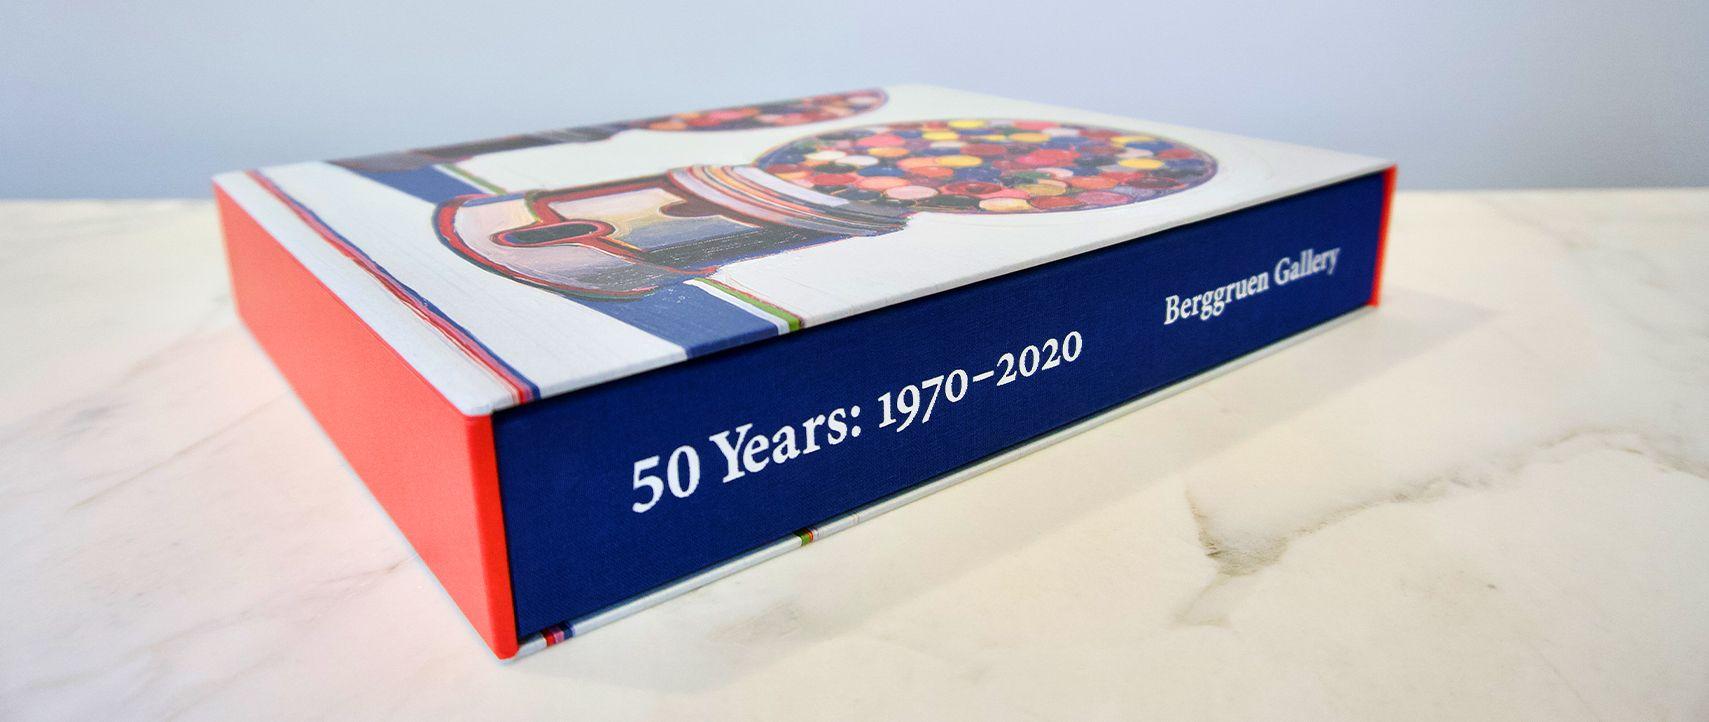 Berggruen Gallery: 50 Years